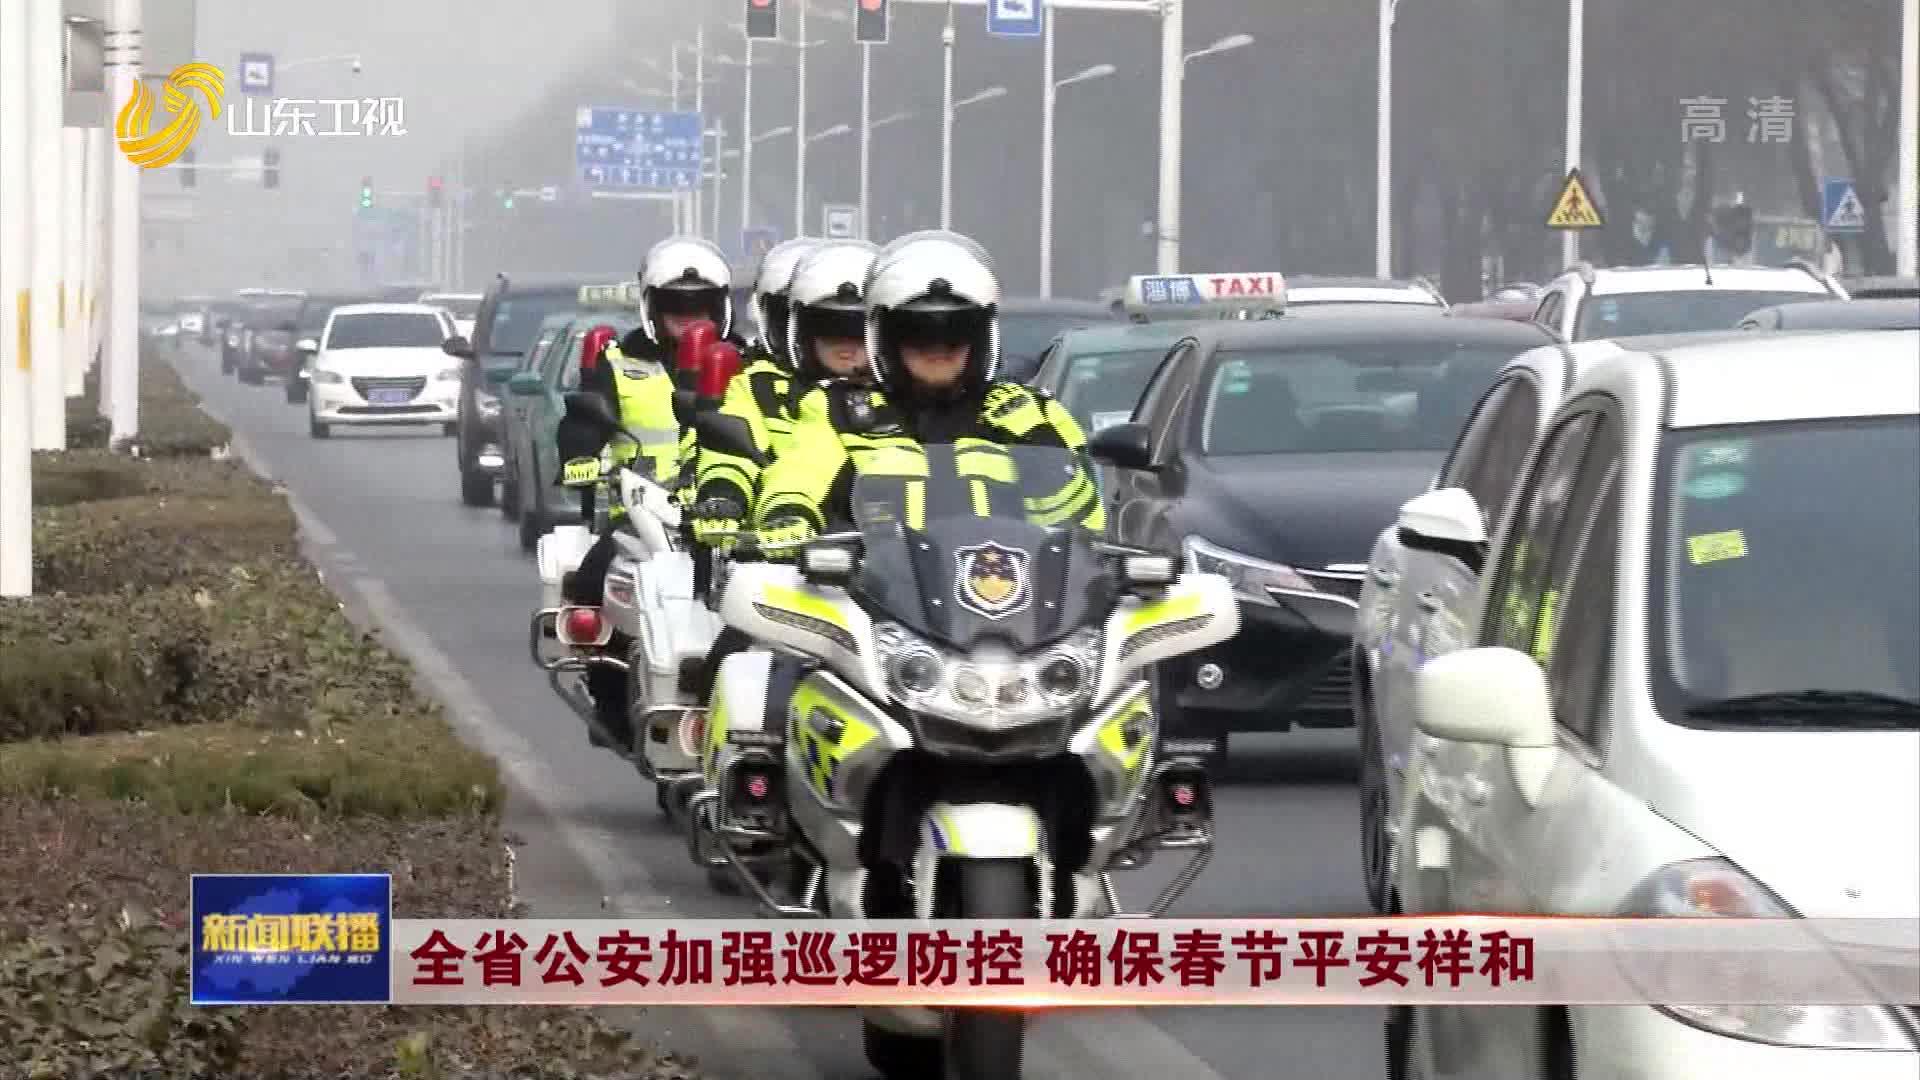 全省公安加强巡逻防控 确保春节平安祥和